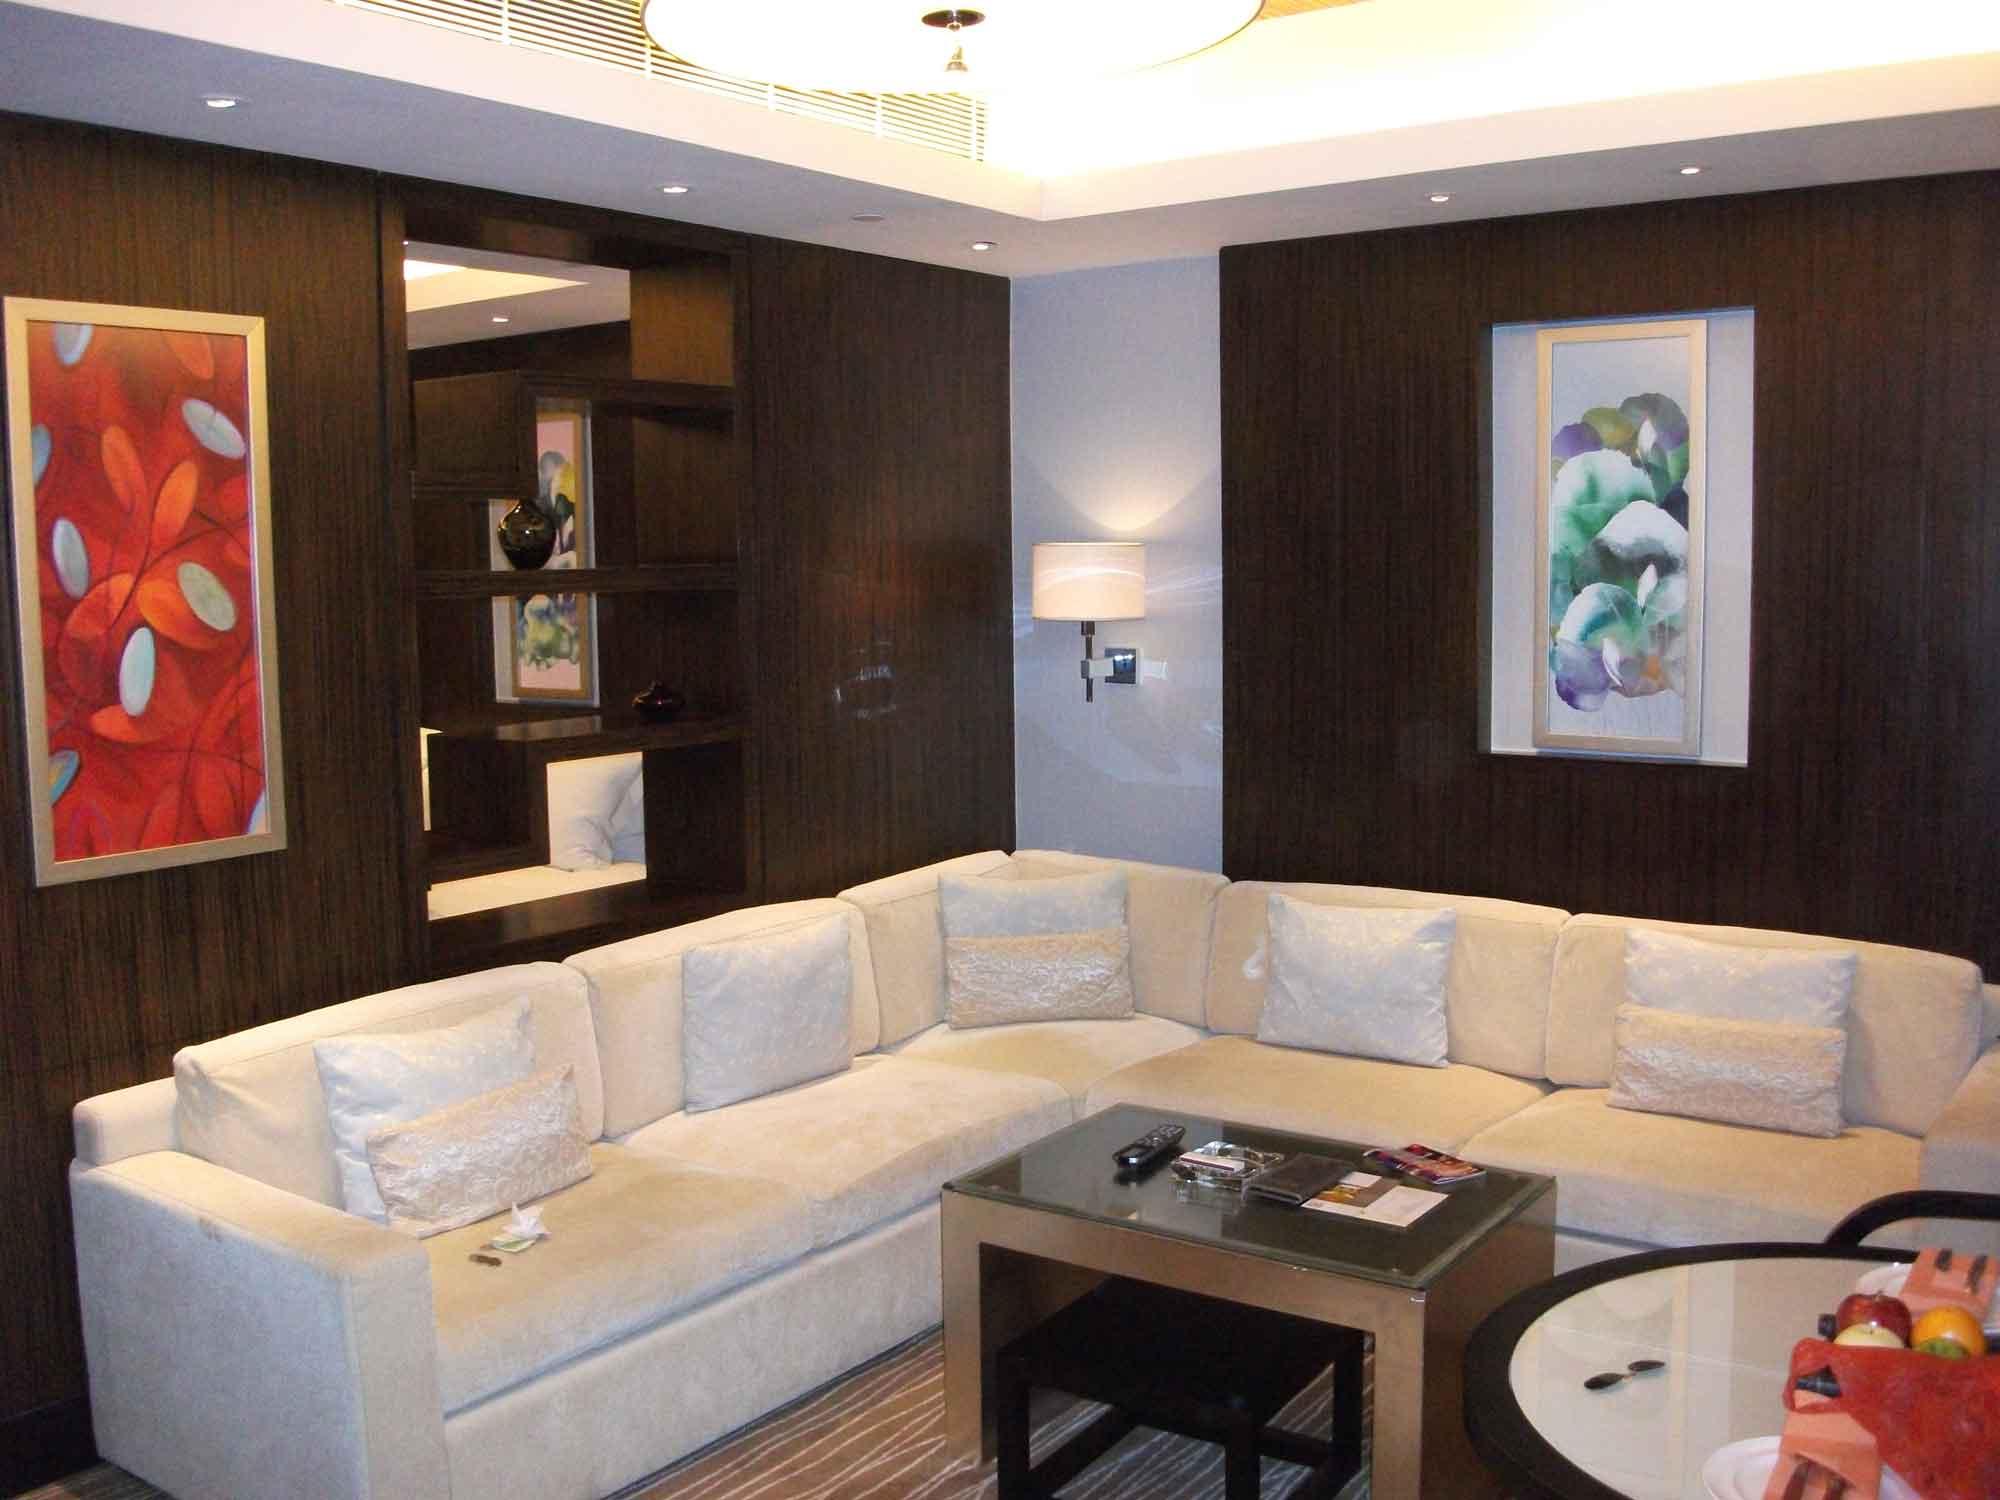 Sands Macao deluxe suite living room